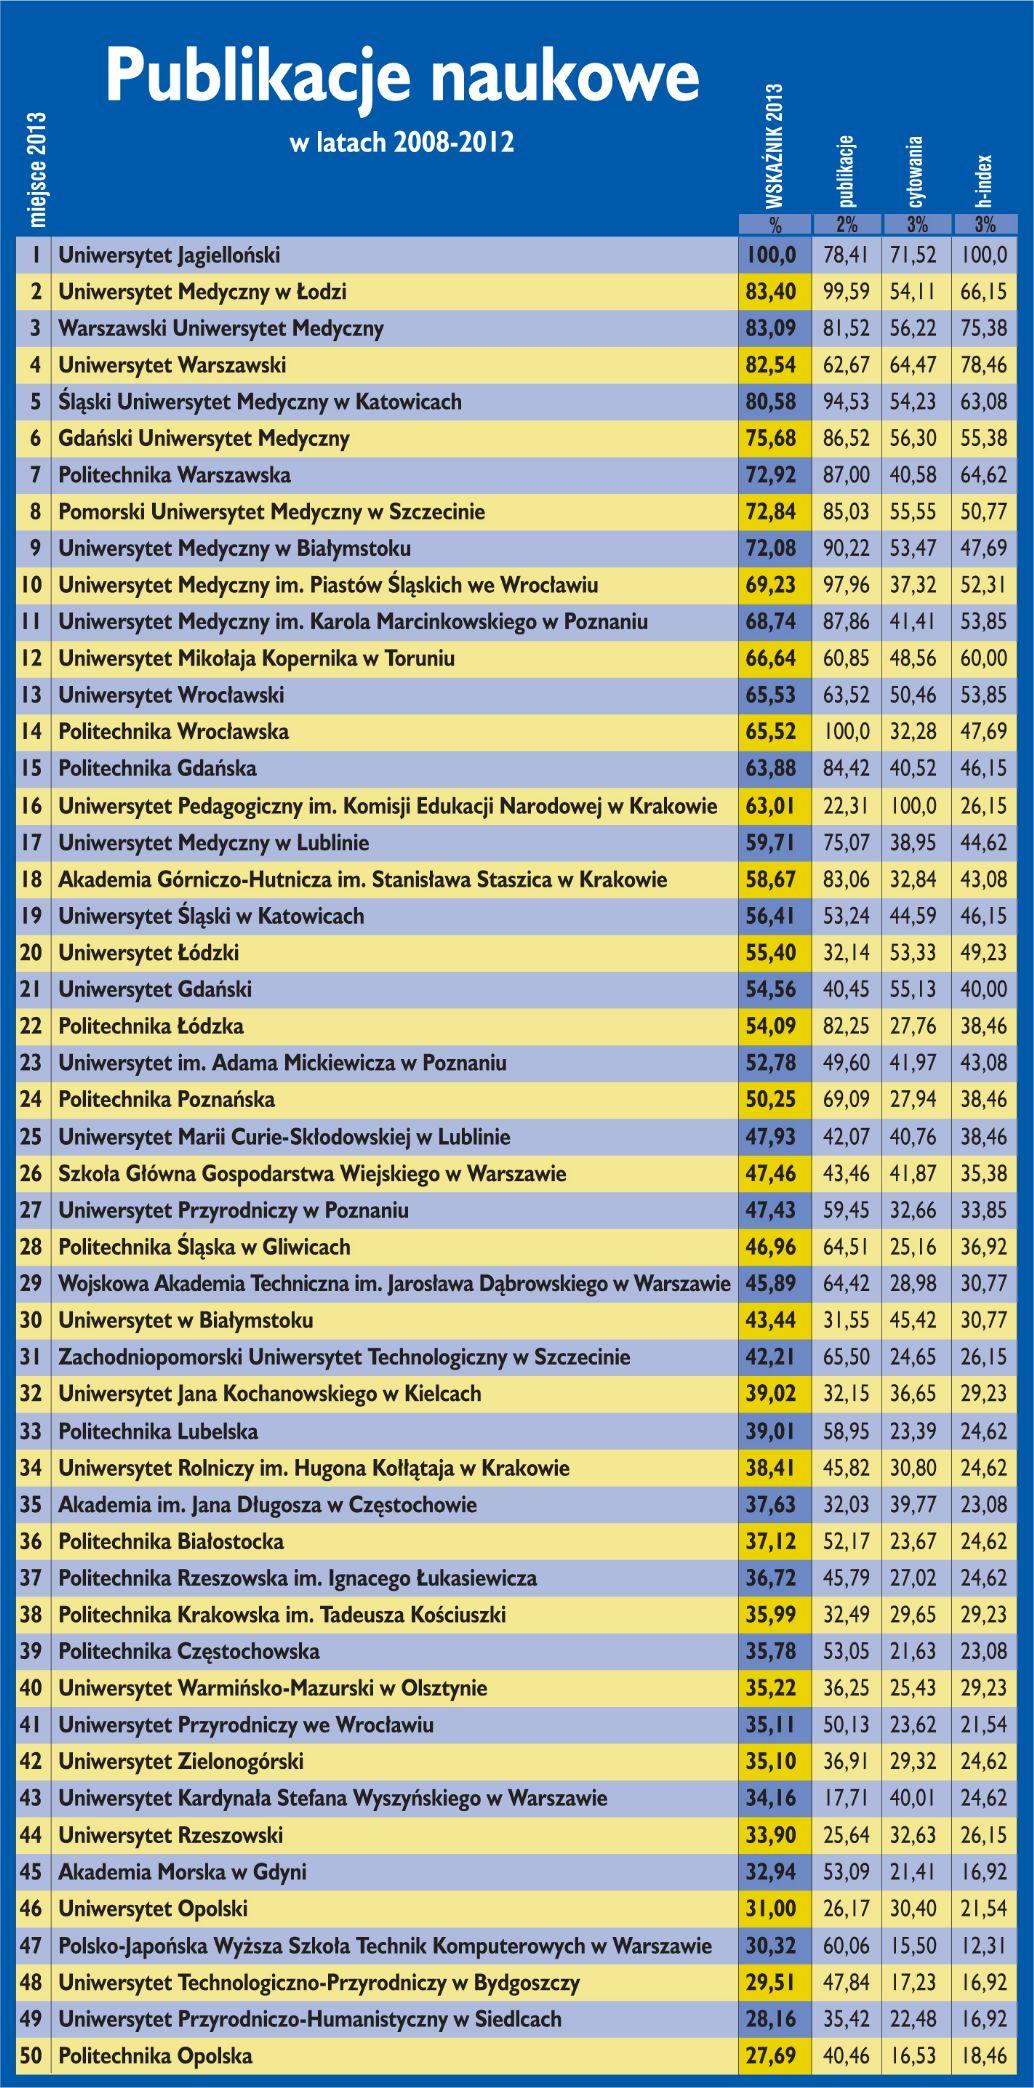 Ranking uczelni wg publikacji